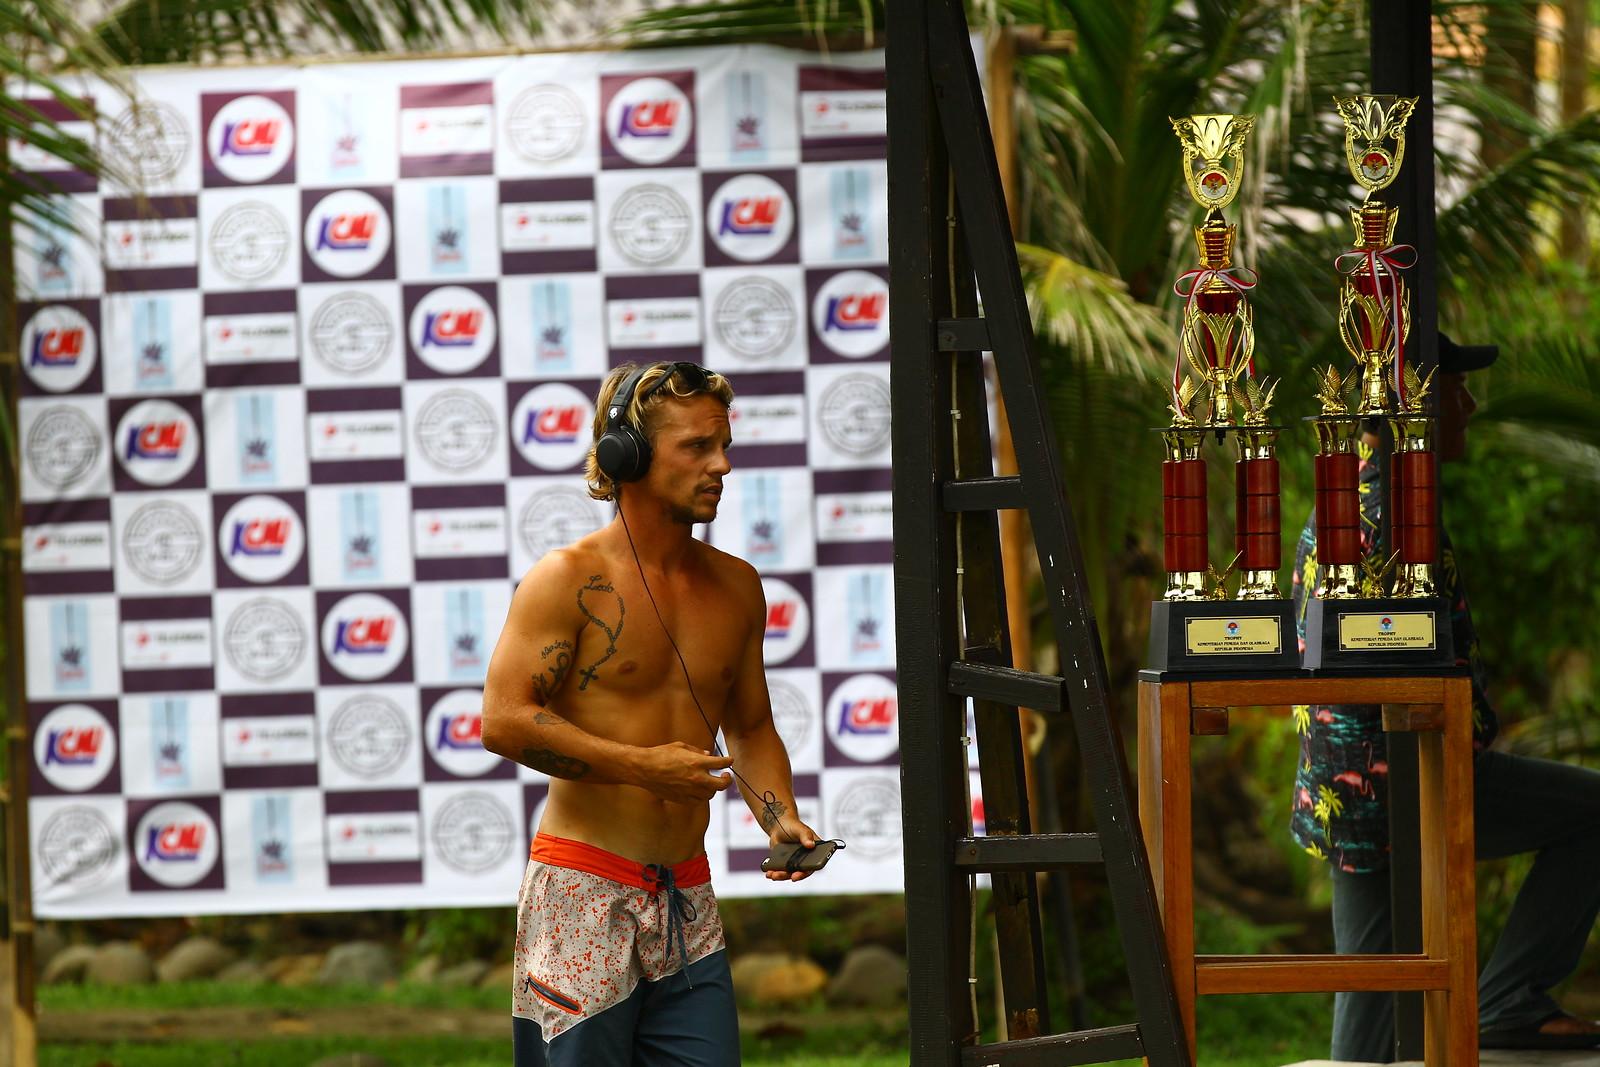 Krui Pro International Surfing 2017 (Tanjung Setia, Pesisir Barat, Lampung)